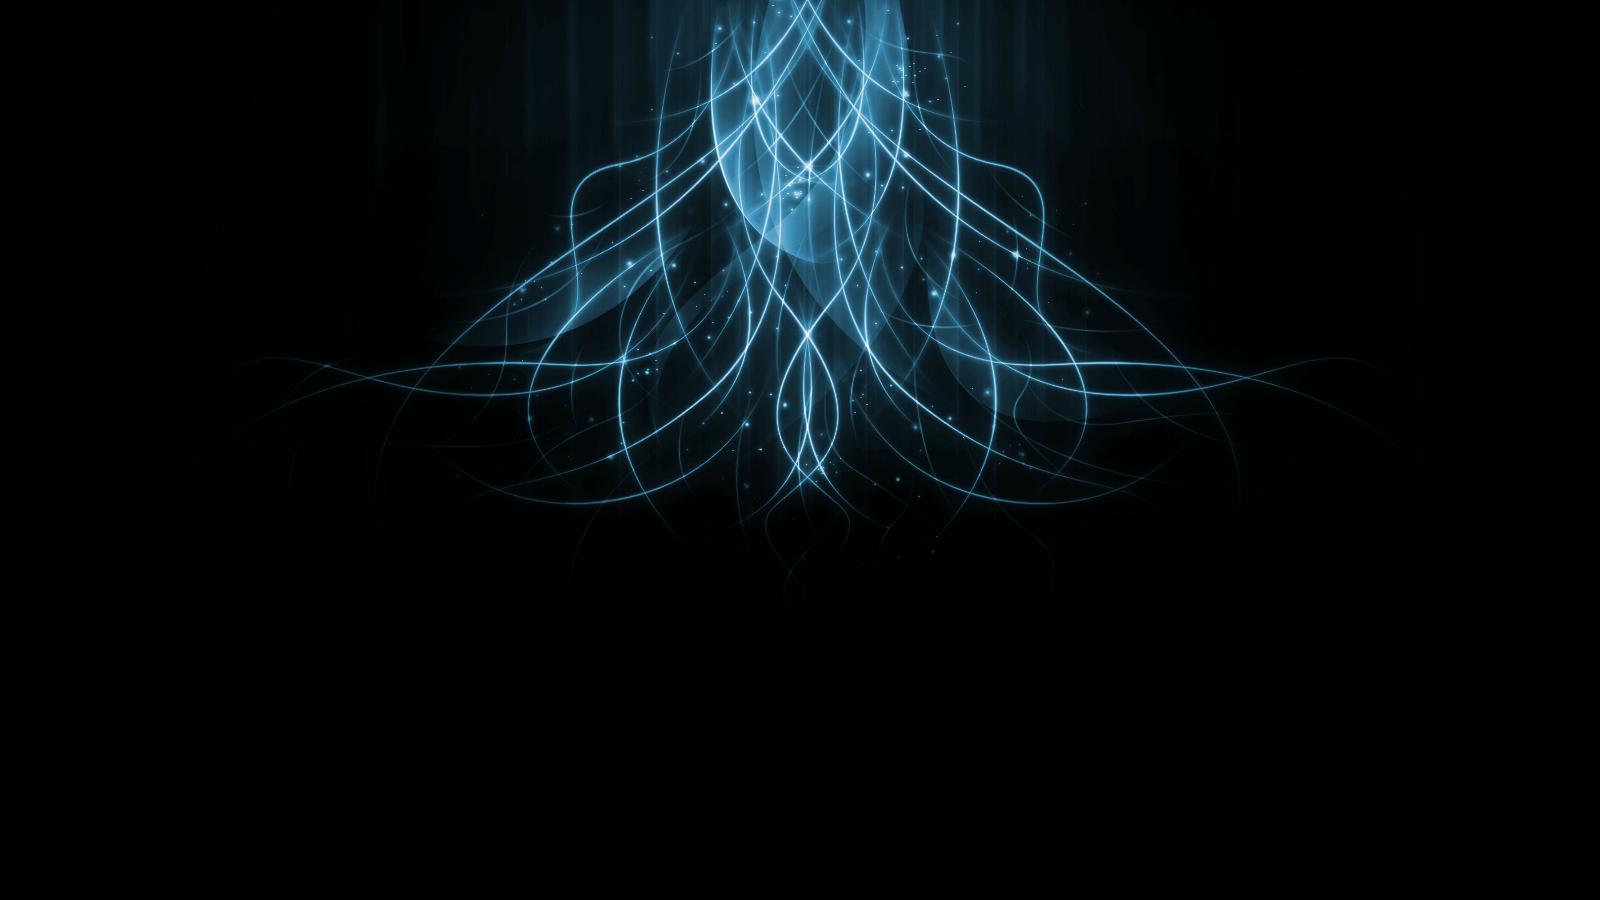 Magic Wallpaper 47115